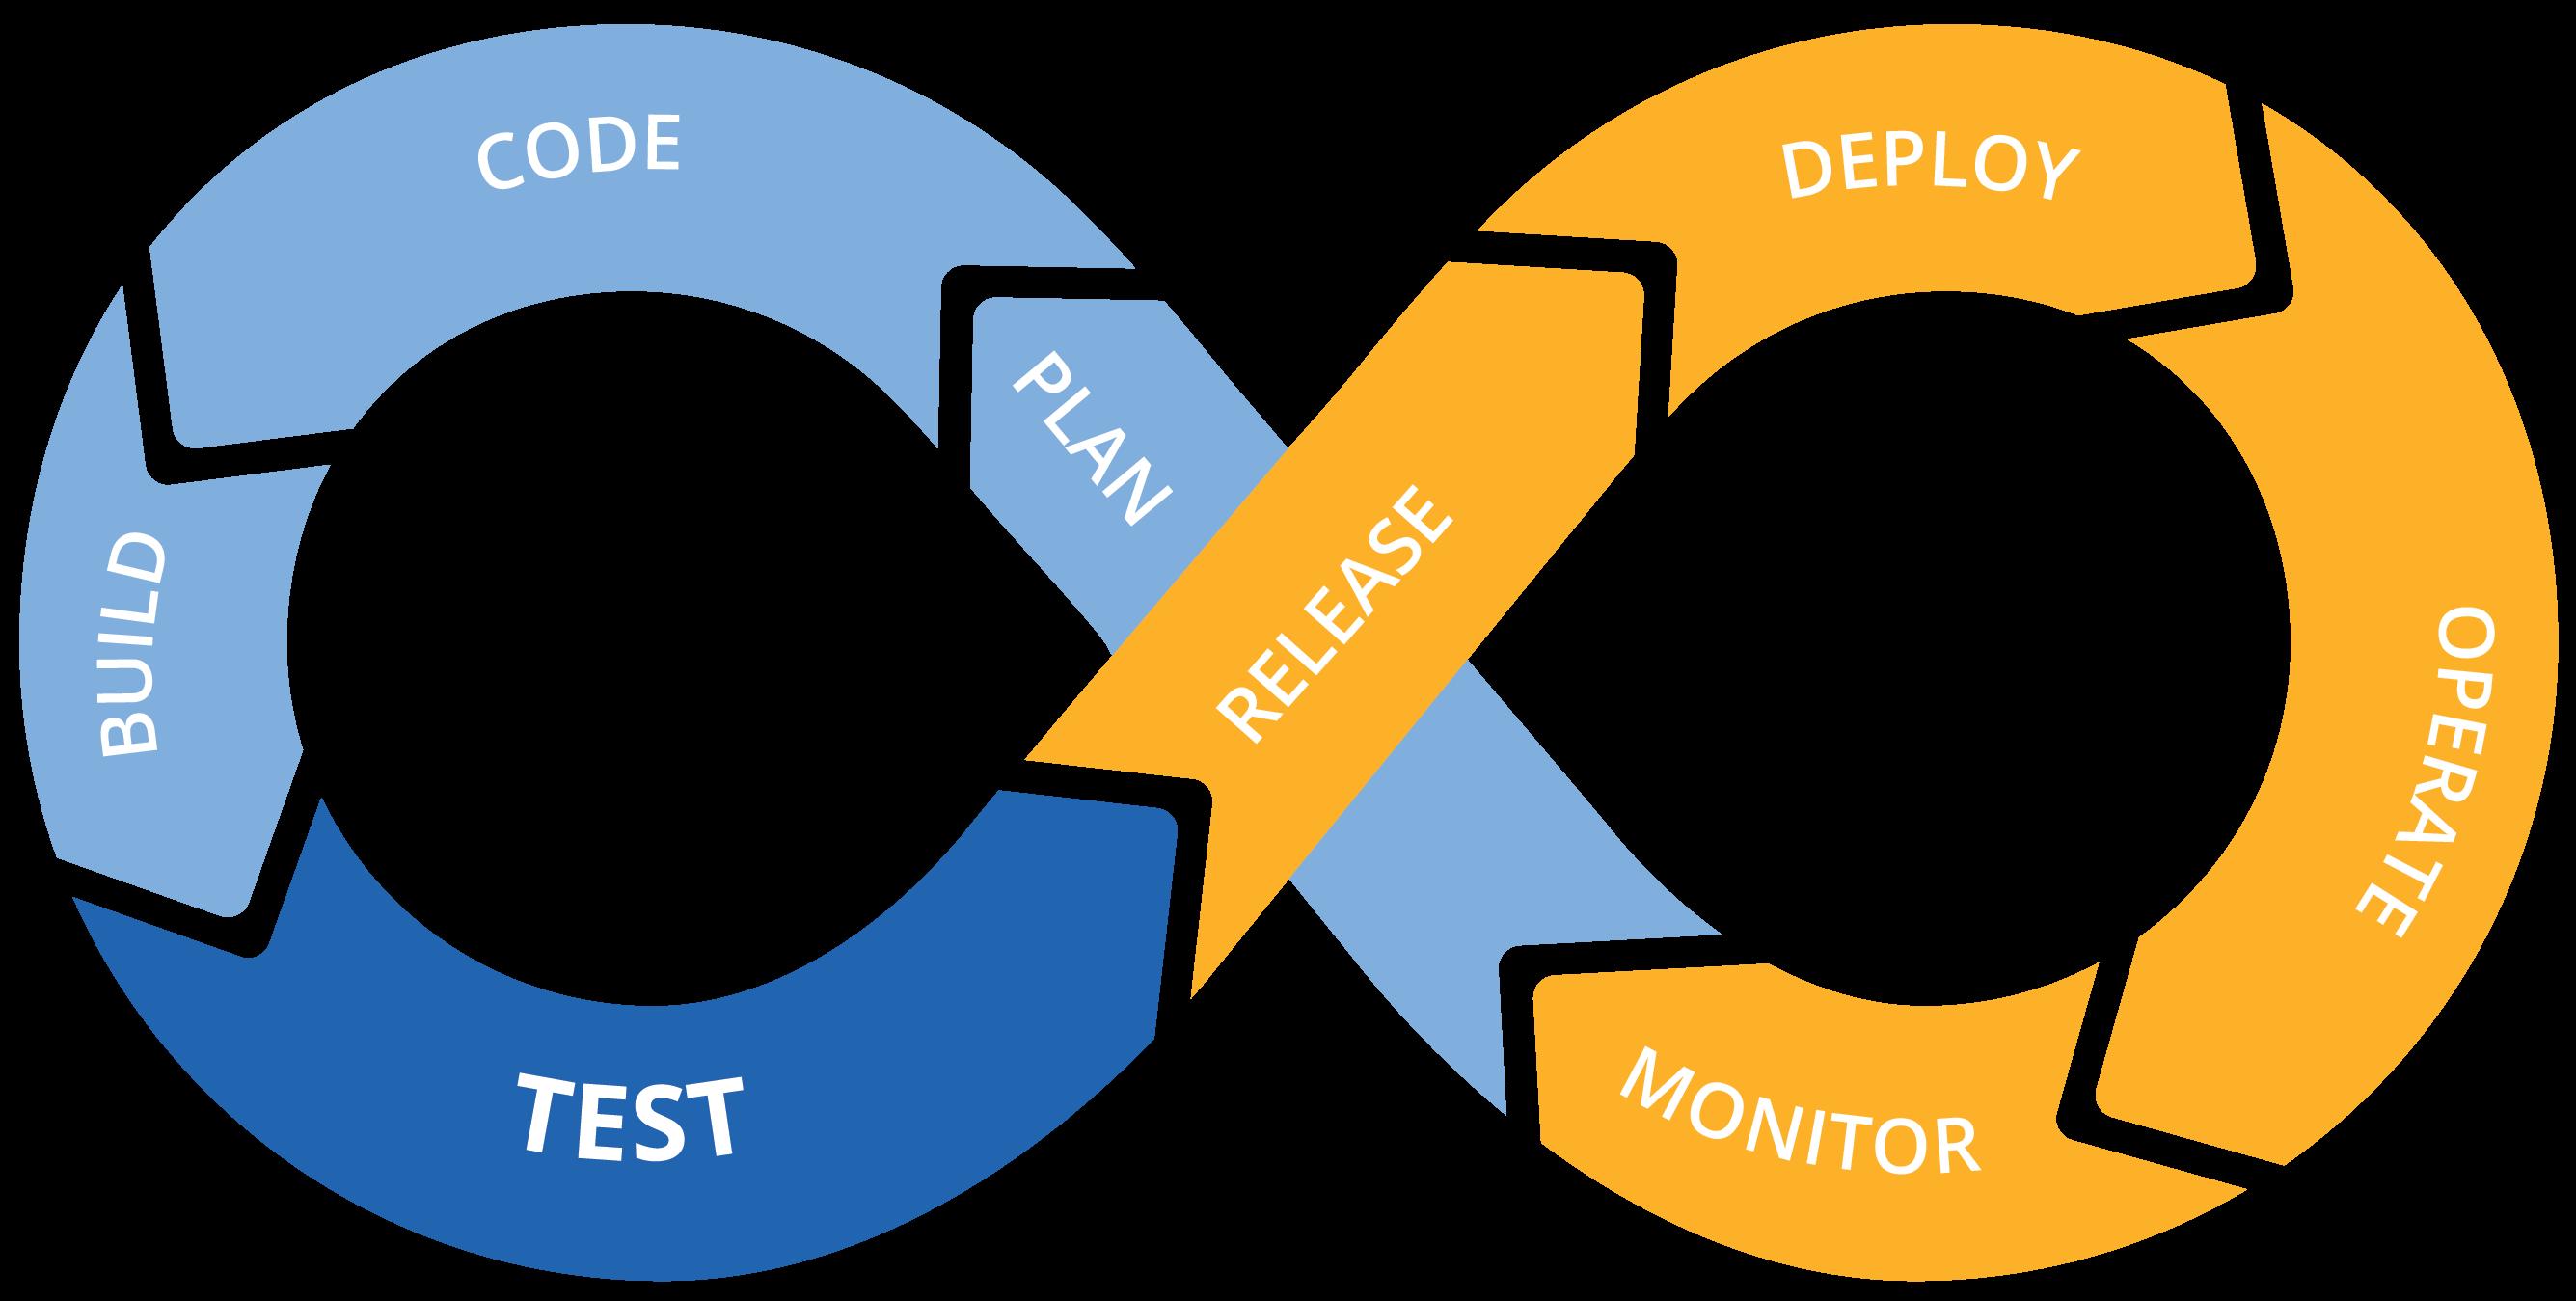 DevOps-cycle-PPT-COLOURS-Copy